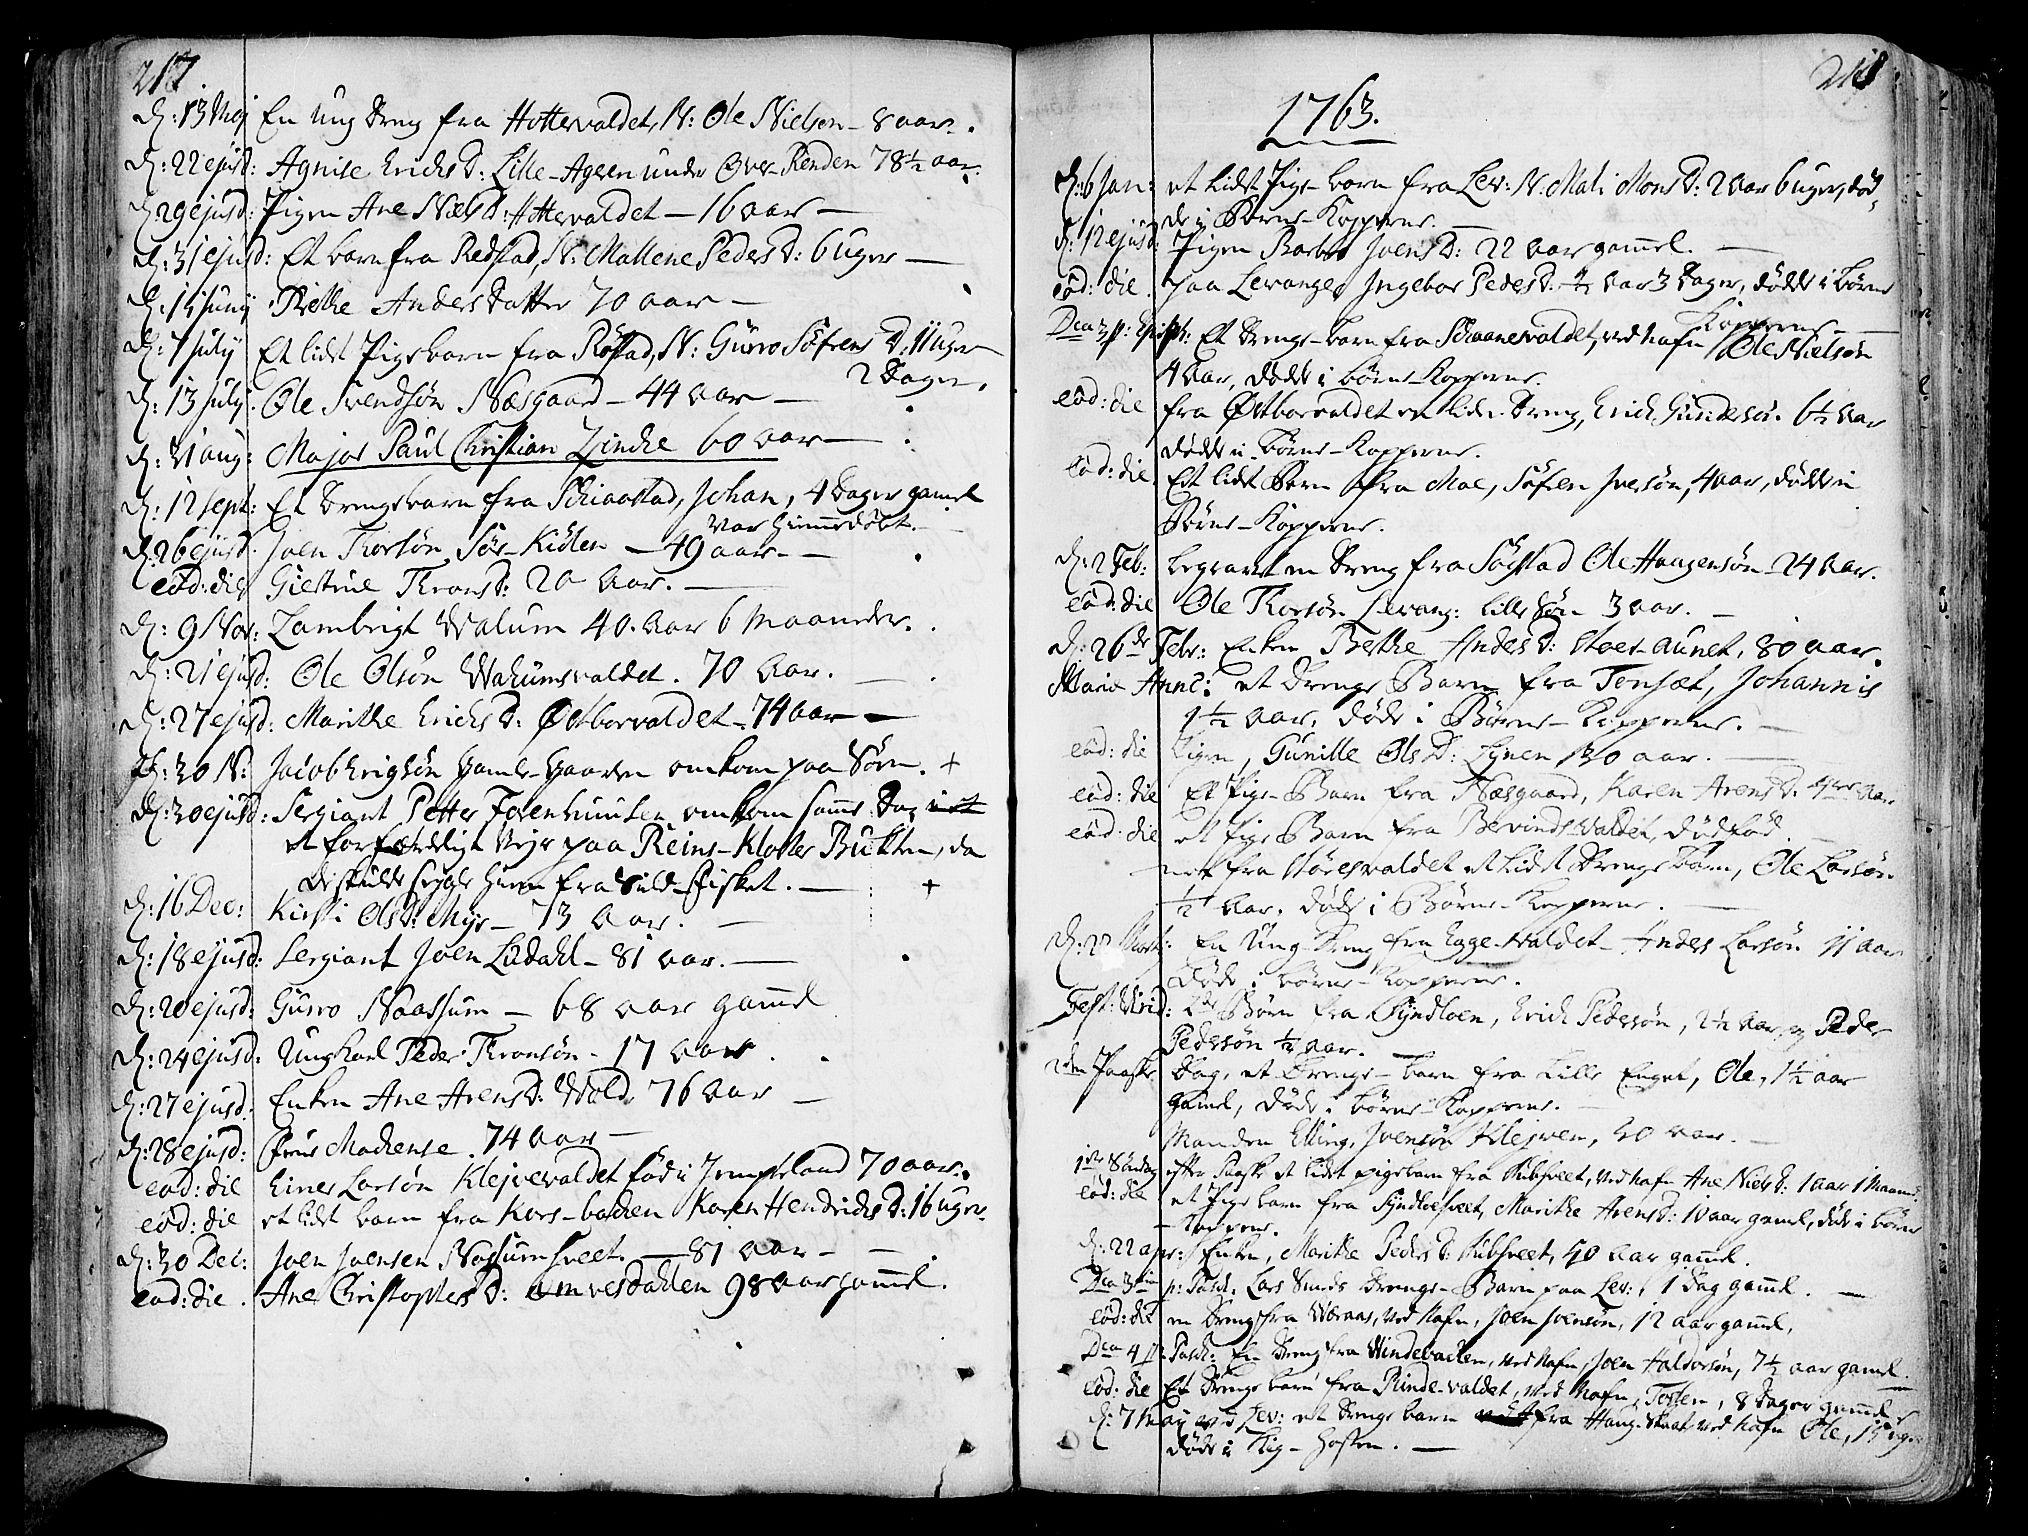 SAT, Ministerialprotokoller, klokkerbøker og fødselsregistre - Nord-Trøndelag, 717/L0141: Ministerialbok nr. 717A01, 1747-1803, s. 217-218